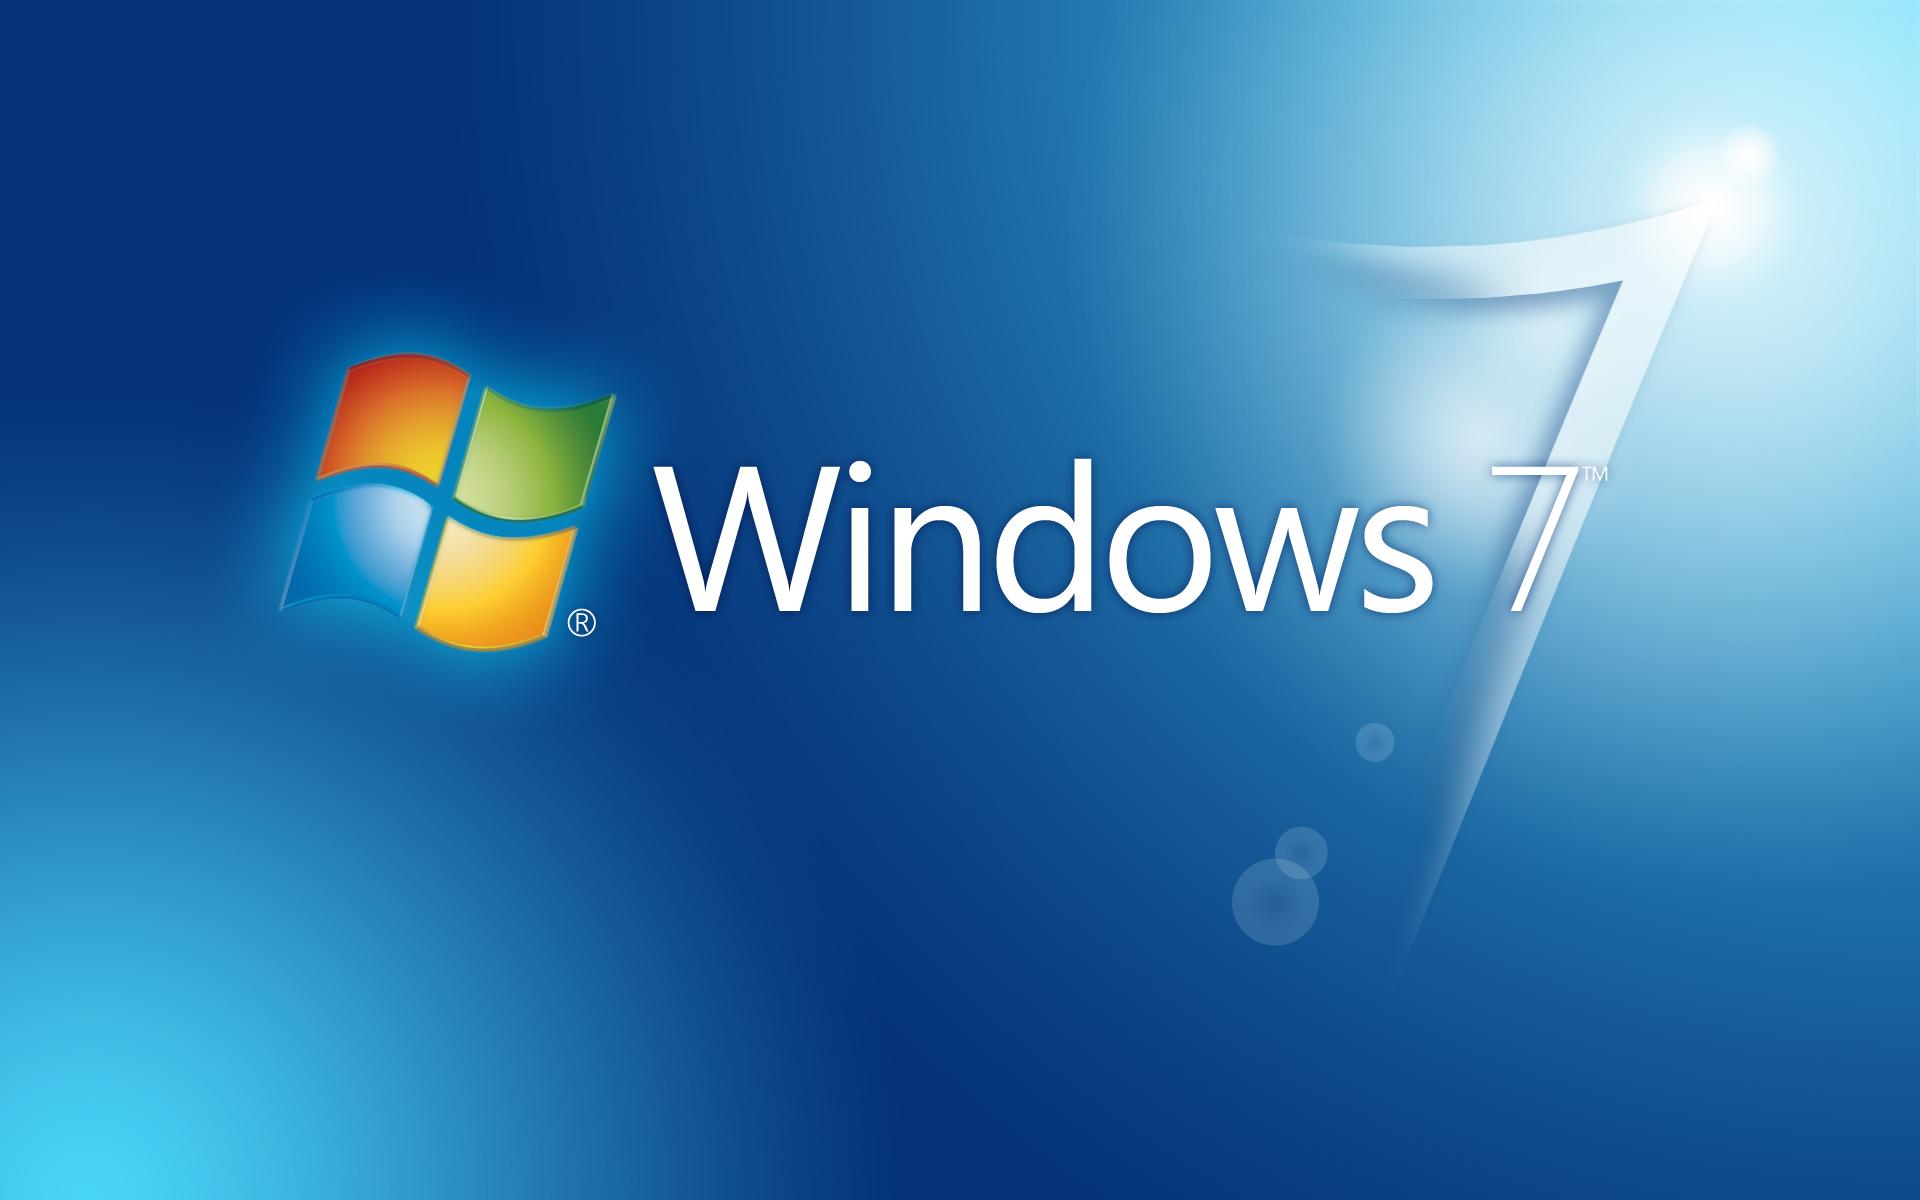 windows 7 images logo - photo #16